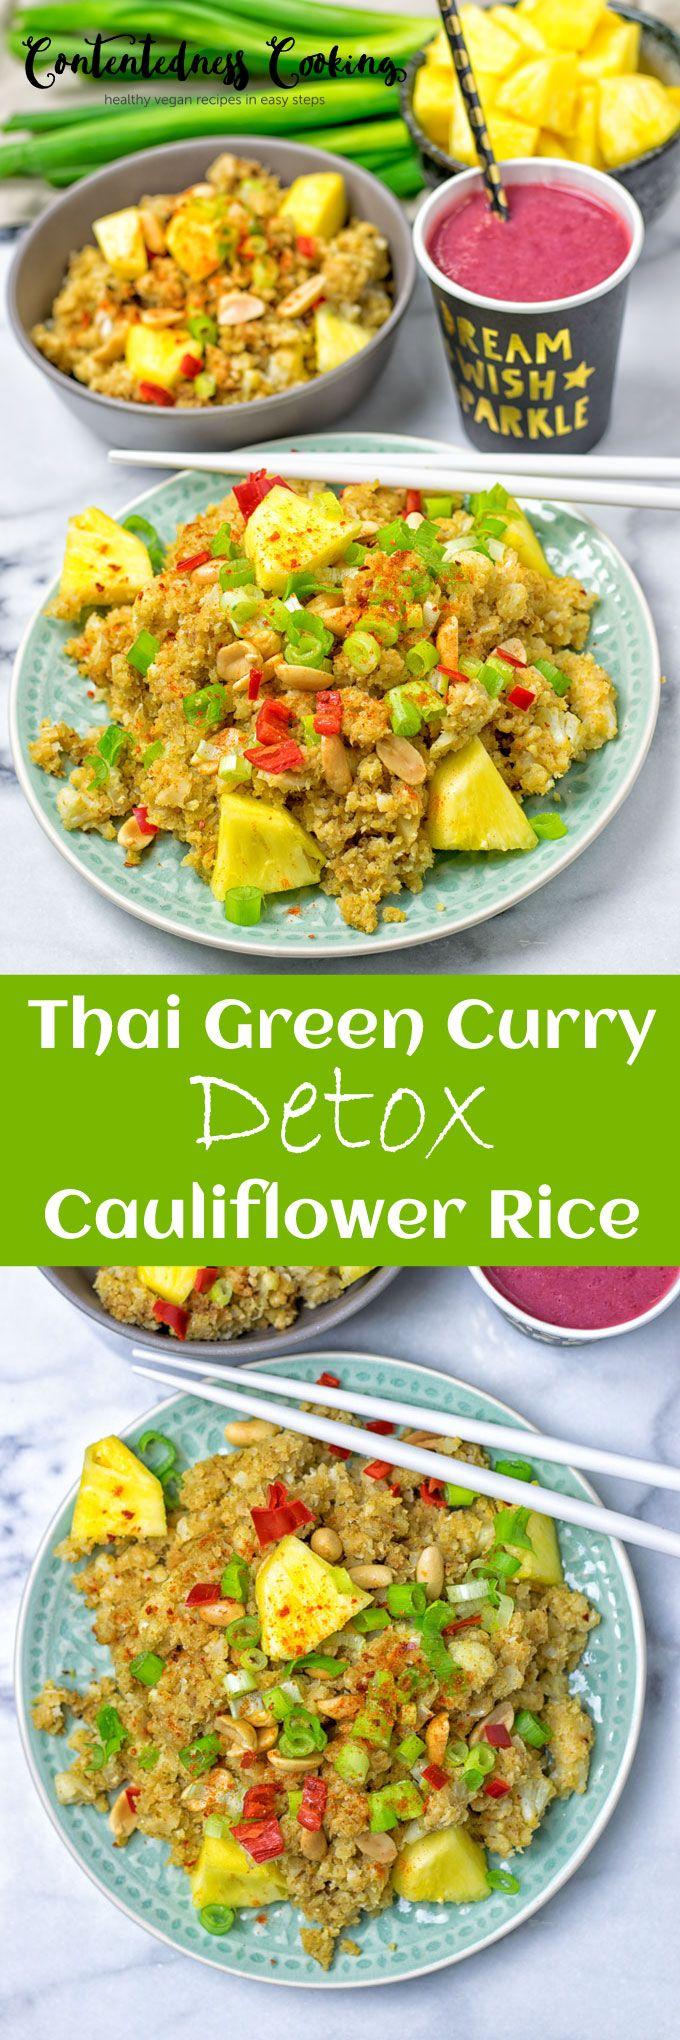 Thai Green Curry Detox Cauliflower Rice